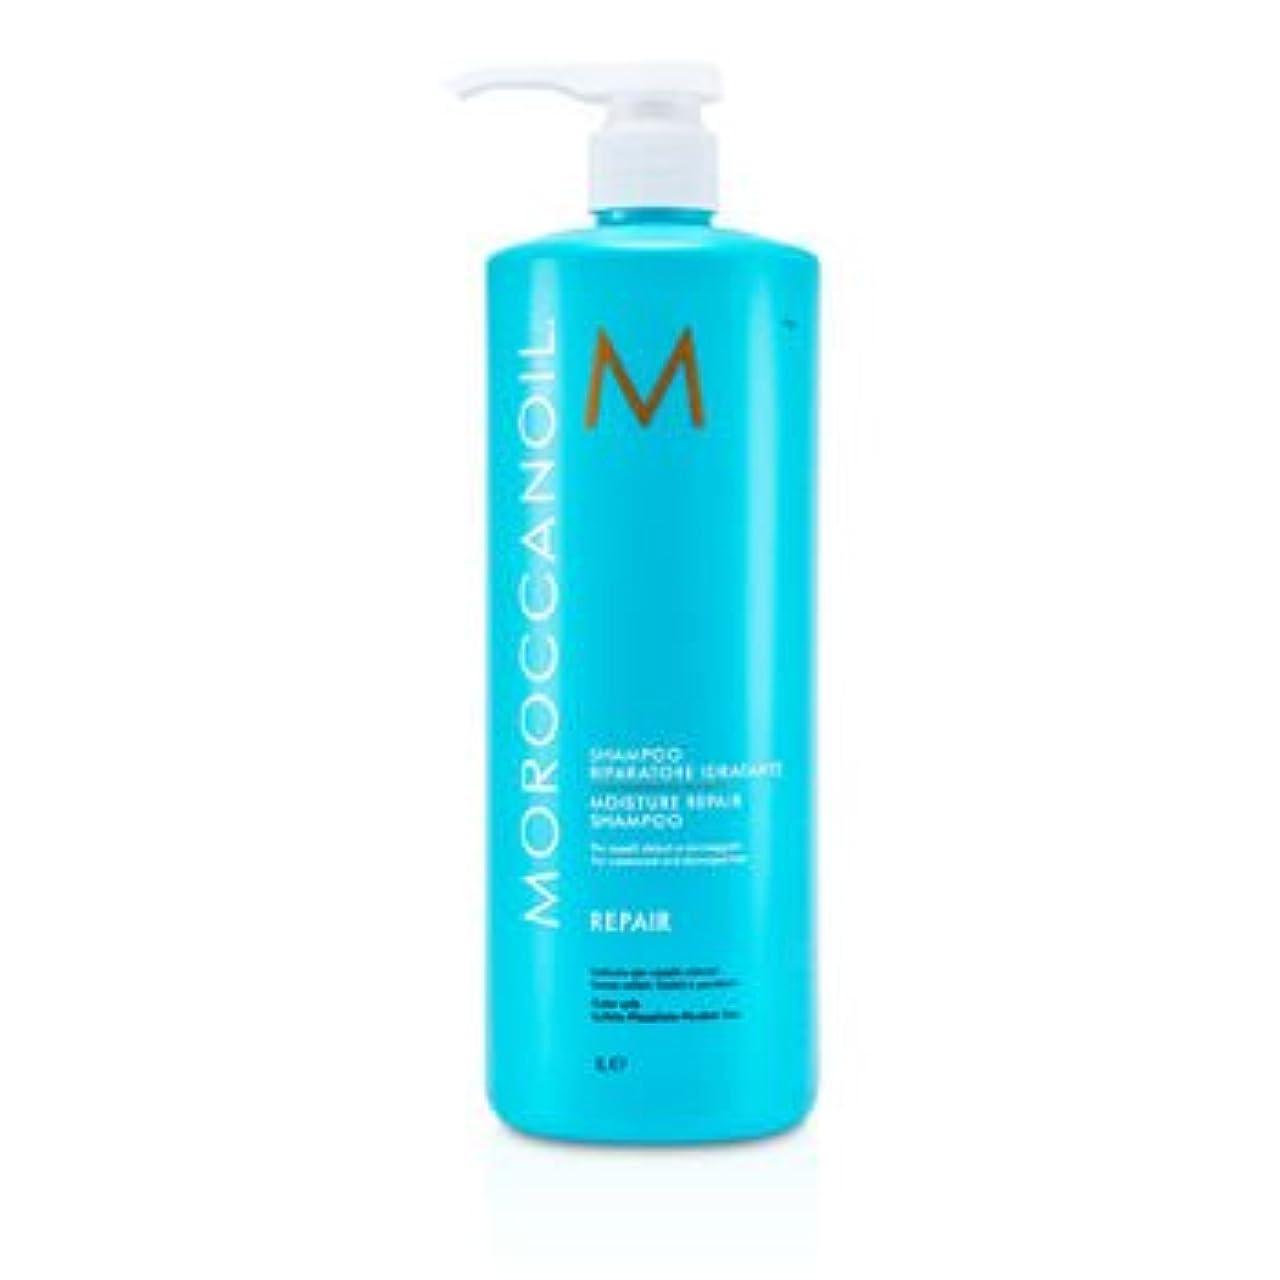 エレメンタル健全商業のモロッカンオイル モイスチャーリペアシャンプー (カラー/ケミカリーダメージドヘア) 1000ml/33.8oz並行輸入品